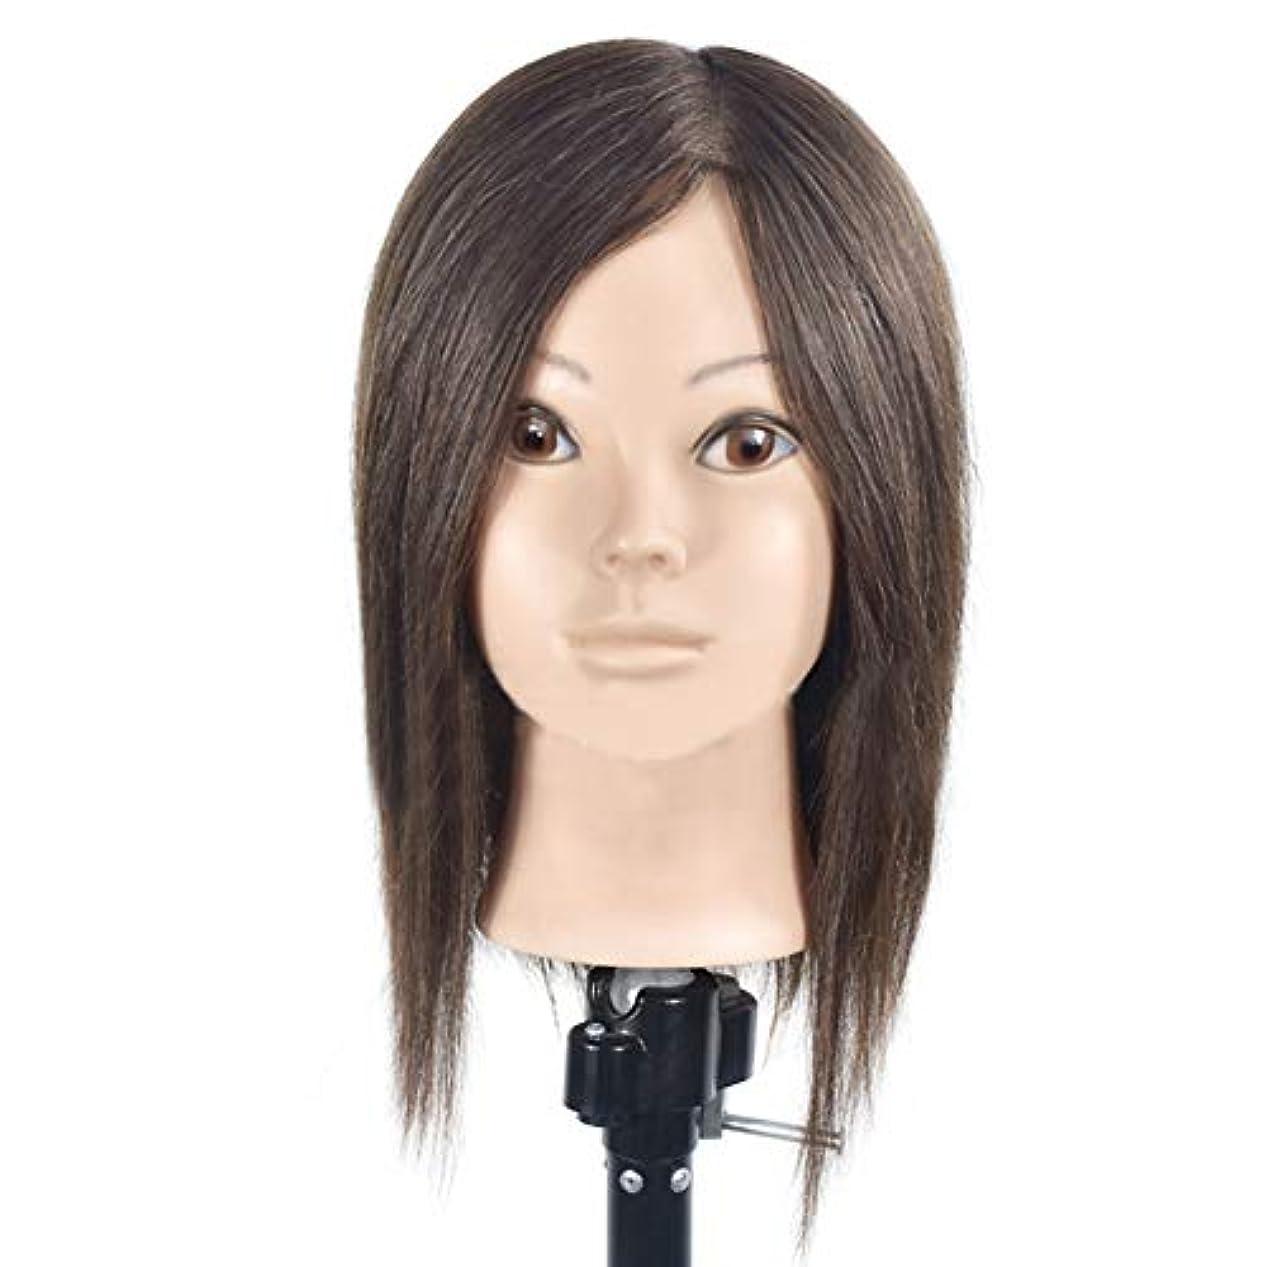 交じるカウンタチキン本物の人間の髪のかつらの頭の金型の理髪の髪型のスタイリングマネキンの頭の理髪店の練習の練習ダミーヘッド